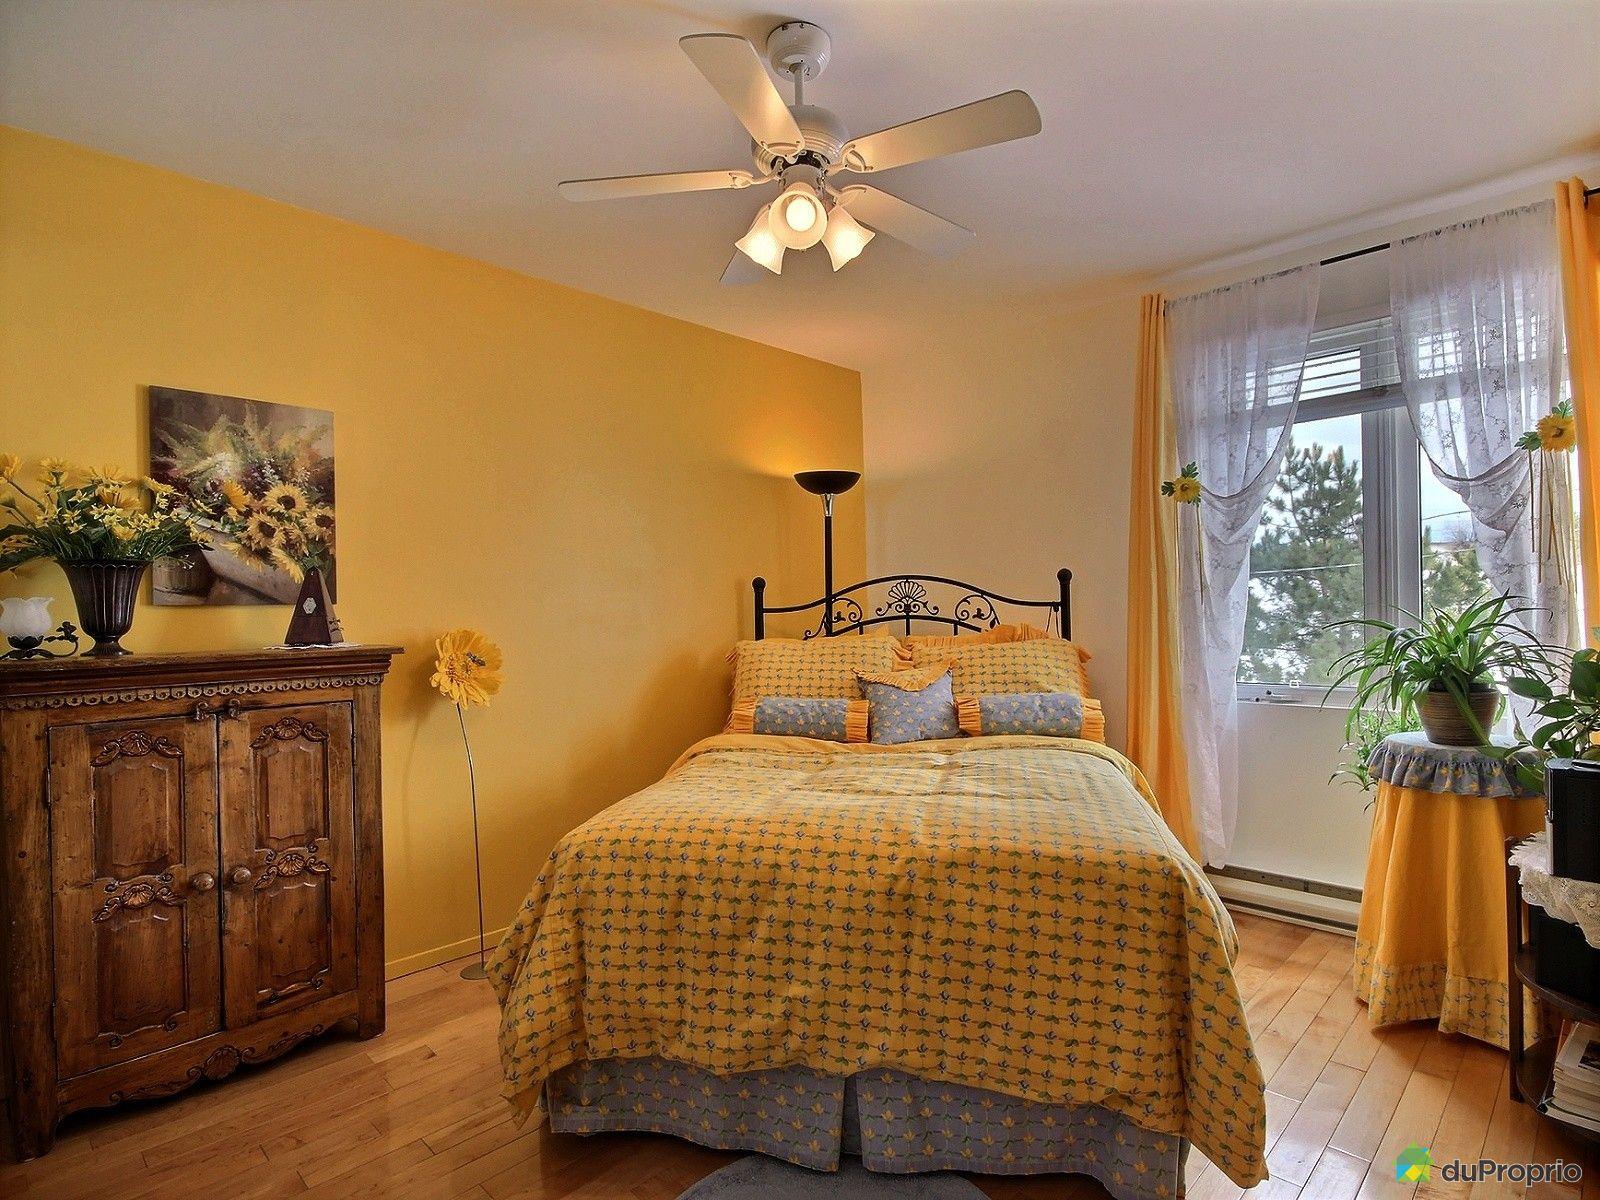 Maison vendre chicoutimi 580 rue jules huot immobilier for Chambre de commerce chicoutimi